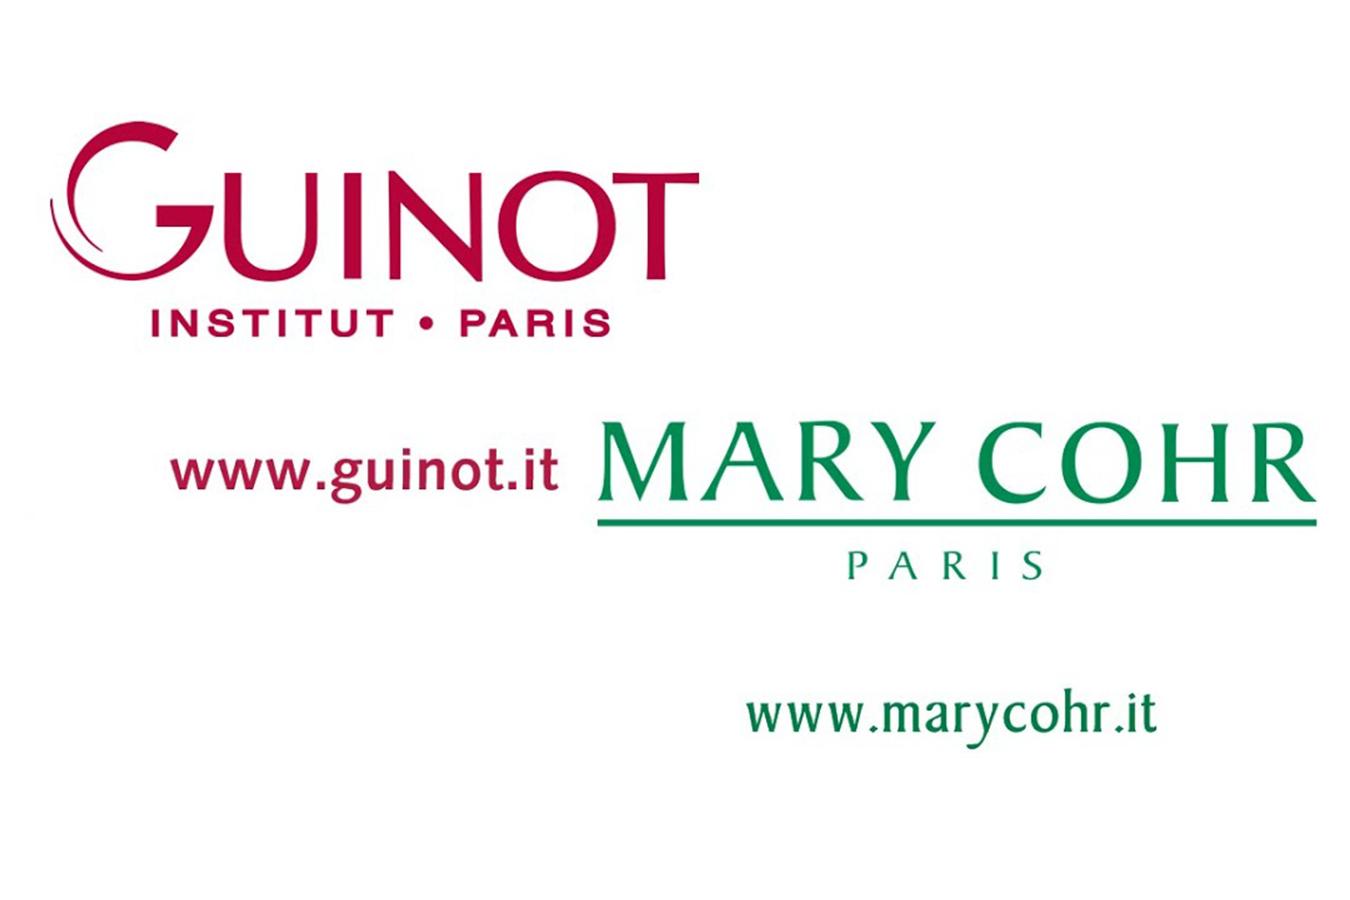 studio di doppiaggio: Sincrodub è una società di doppiaggio con sede a Bologna. Guinot Institut Paris